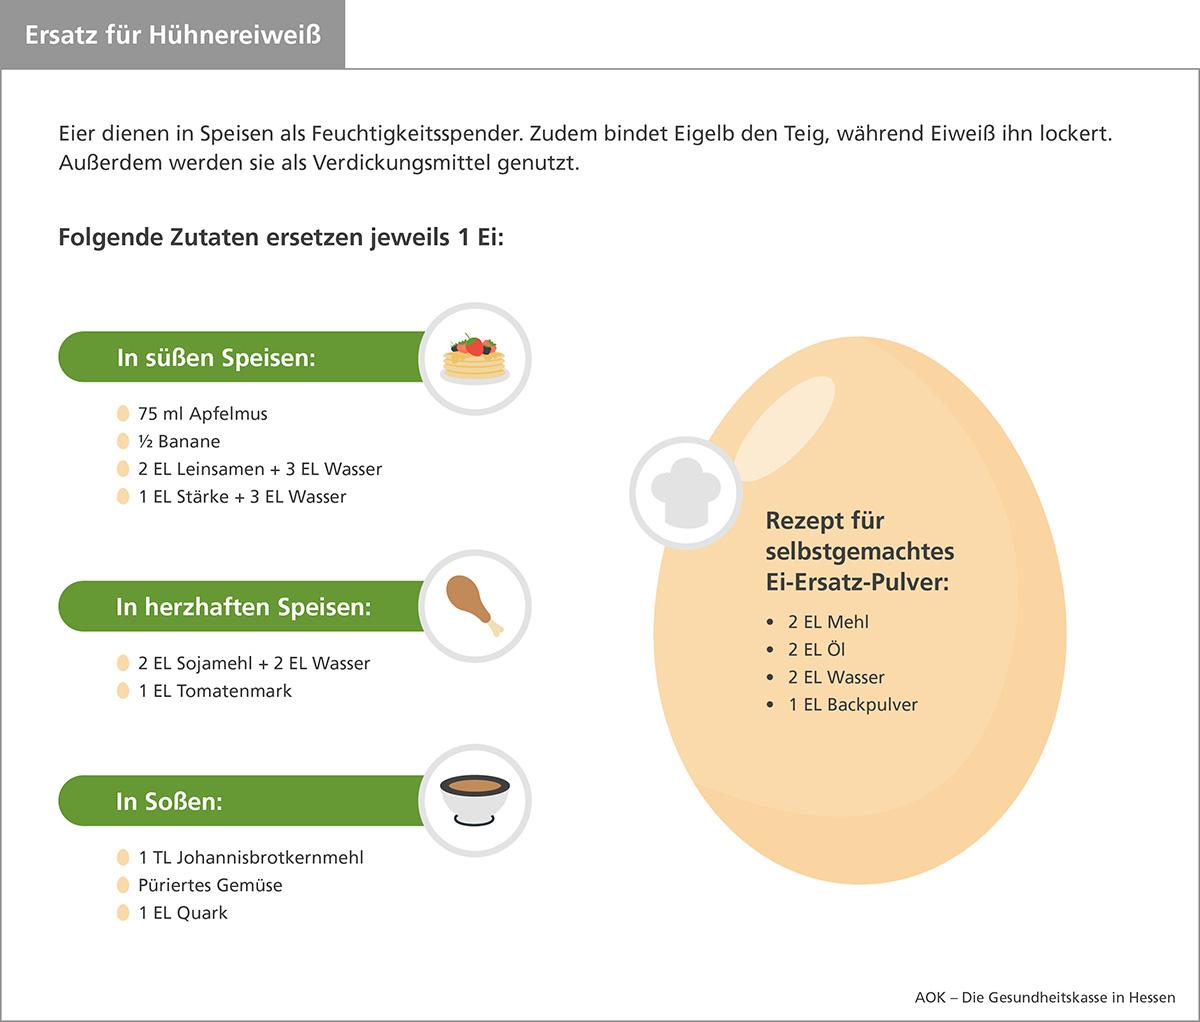 Die Infografik der AOK Hessen zeigt einige Ideen für möglichen Hühnerei-Ersatz.